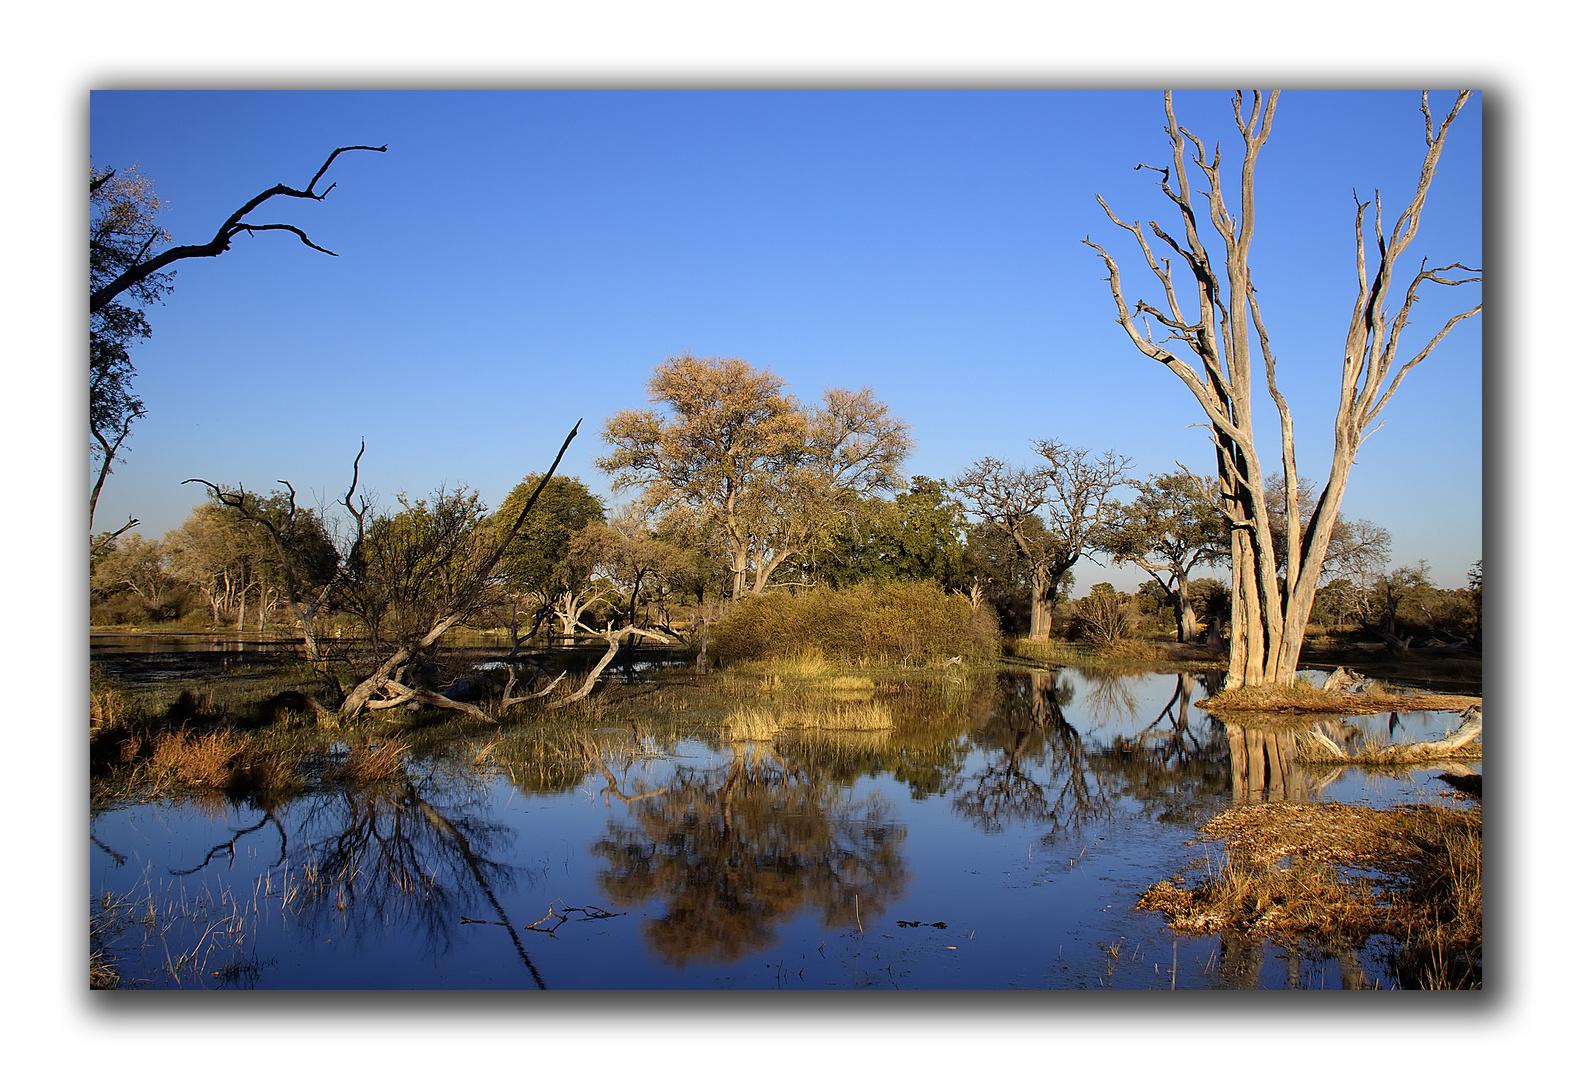 Landschaft im Moremi Game Reserve